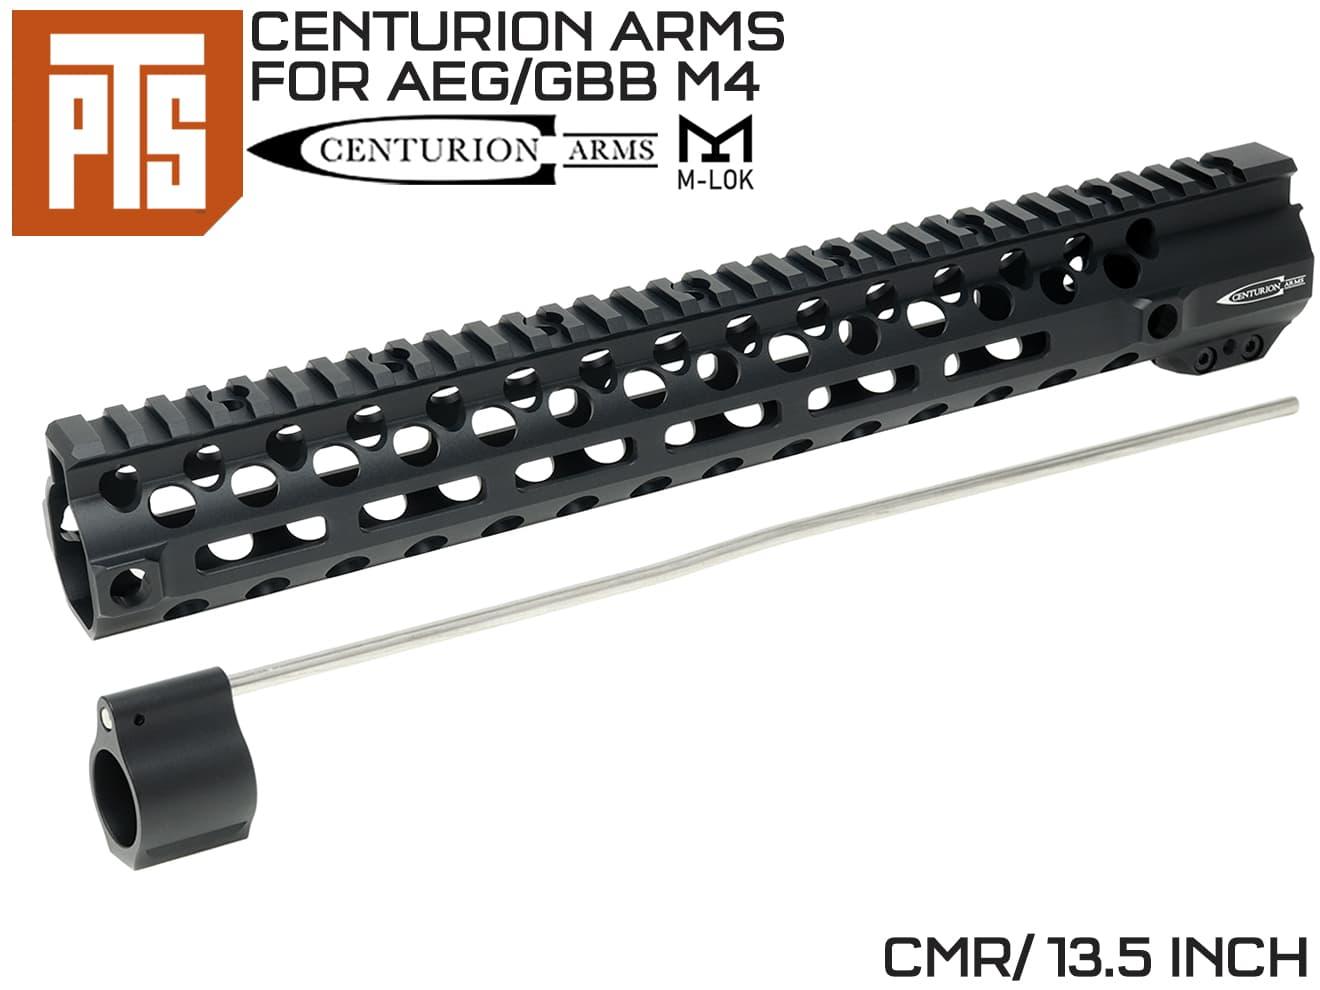 PTS Centurion Arms CMR M-LOKレール 13.5インチ for M4◆マルイ系 AEG/GBB M4用 RAS エムロックモジューラーレール 軽量 民間カスタム KSC画像